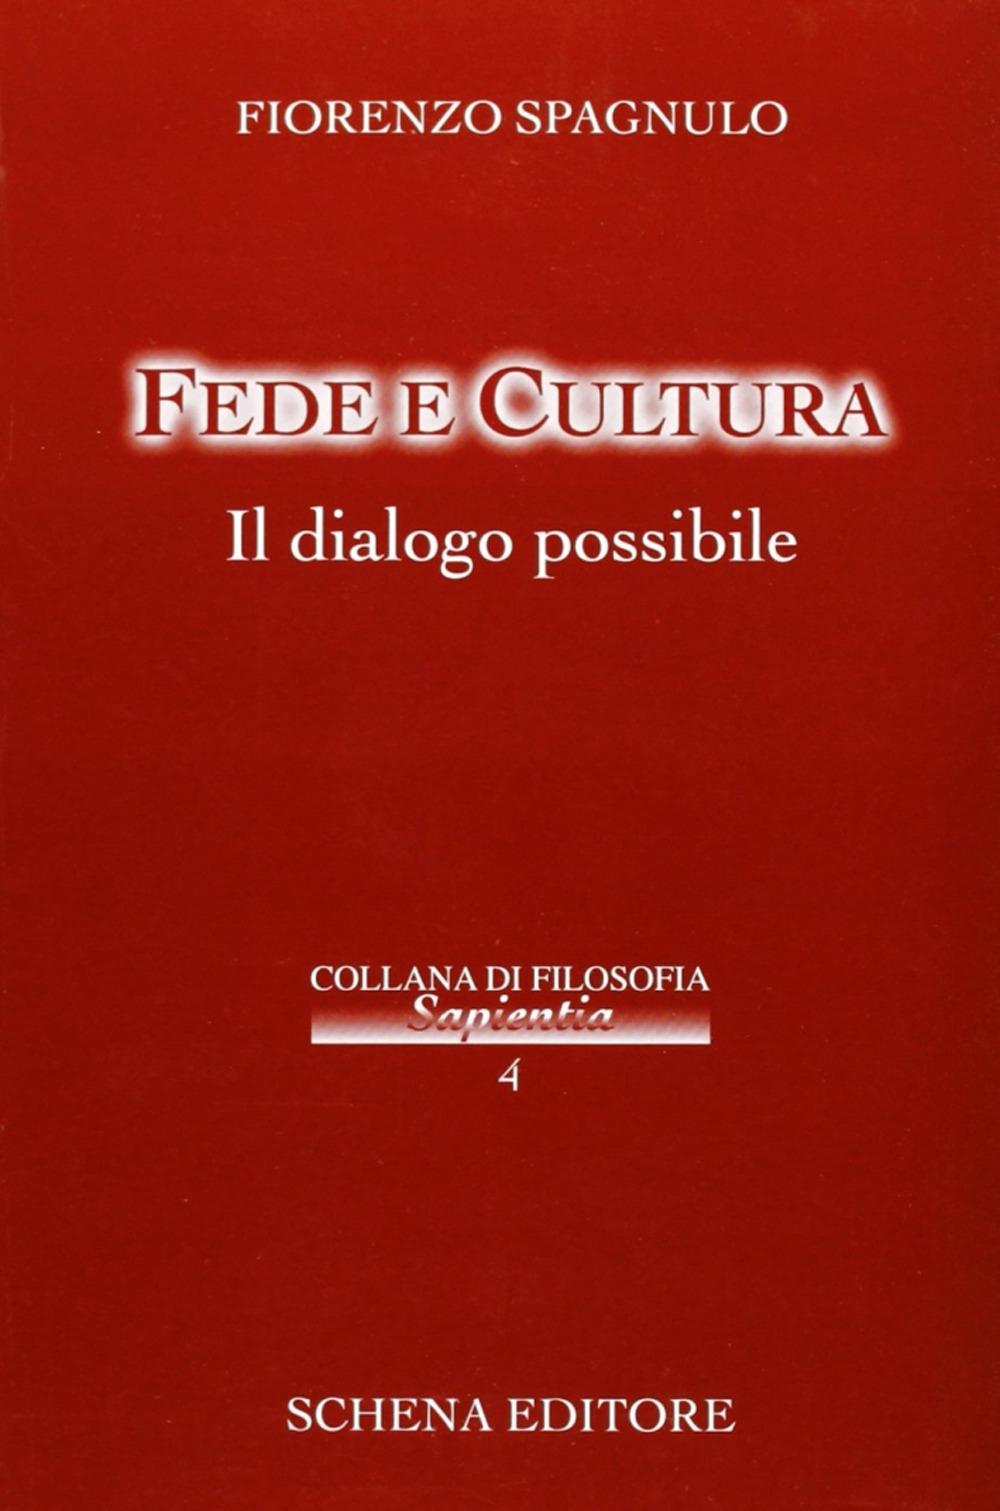 Fede e cultura. Il dialogo possibile